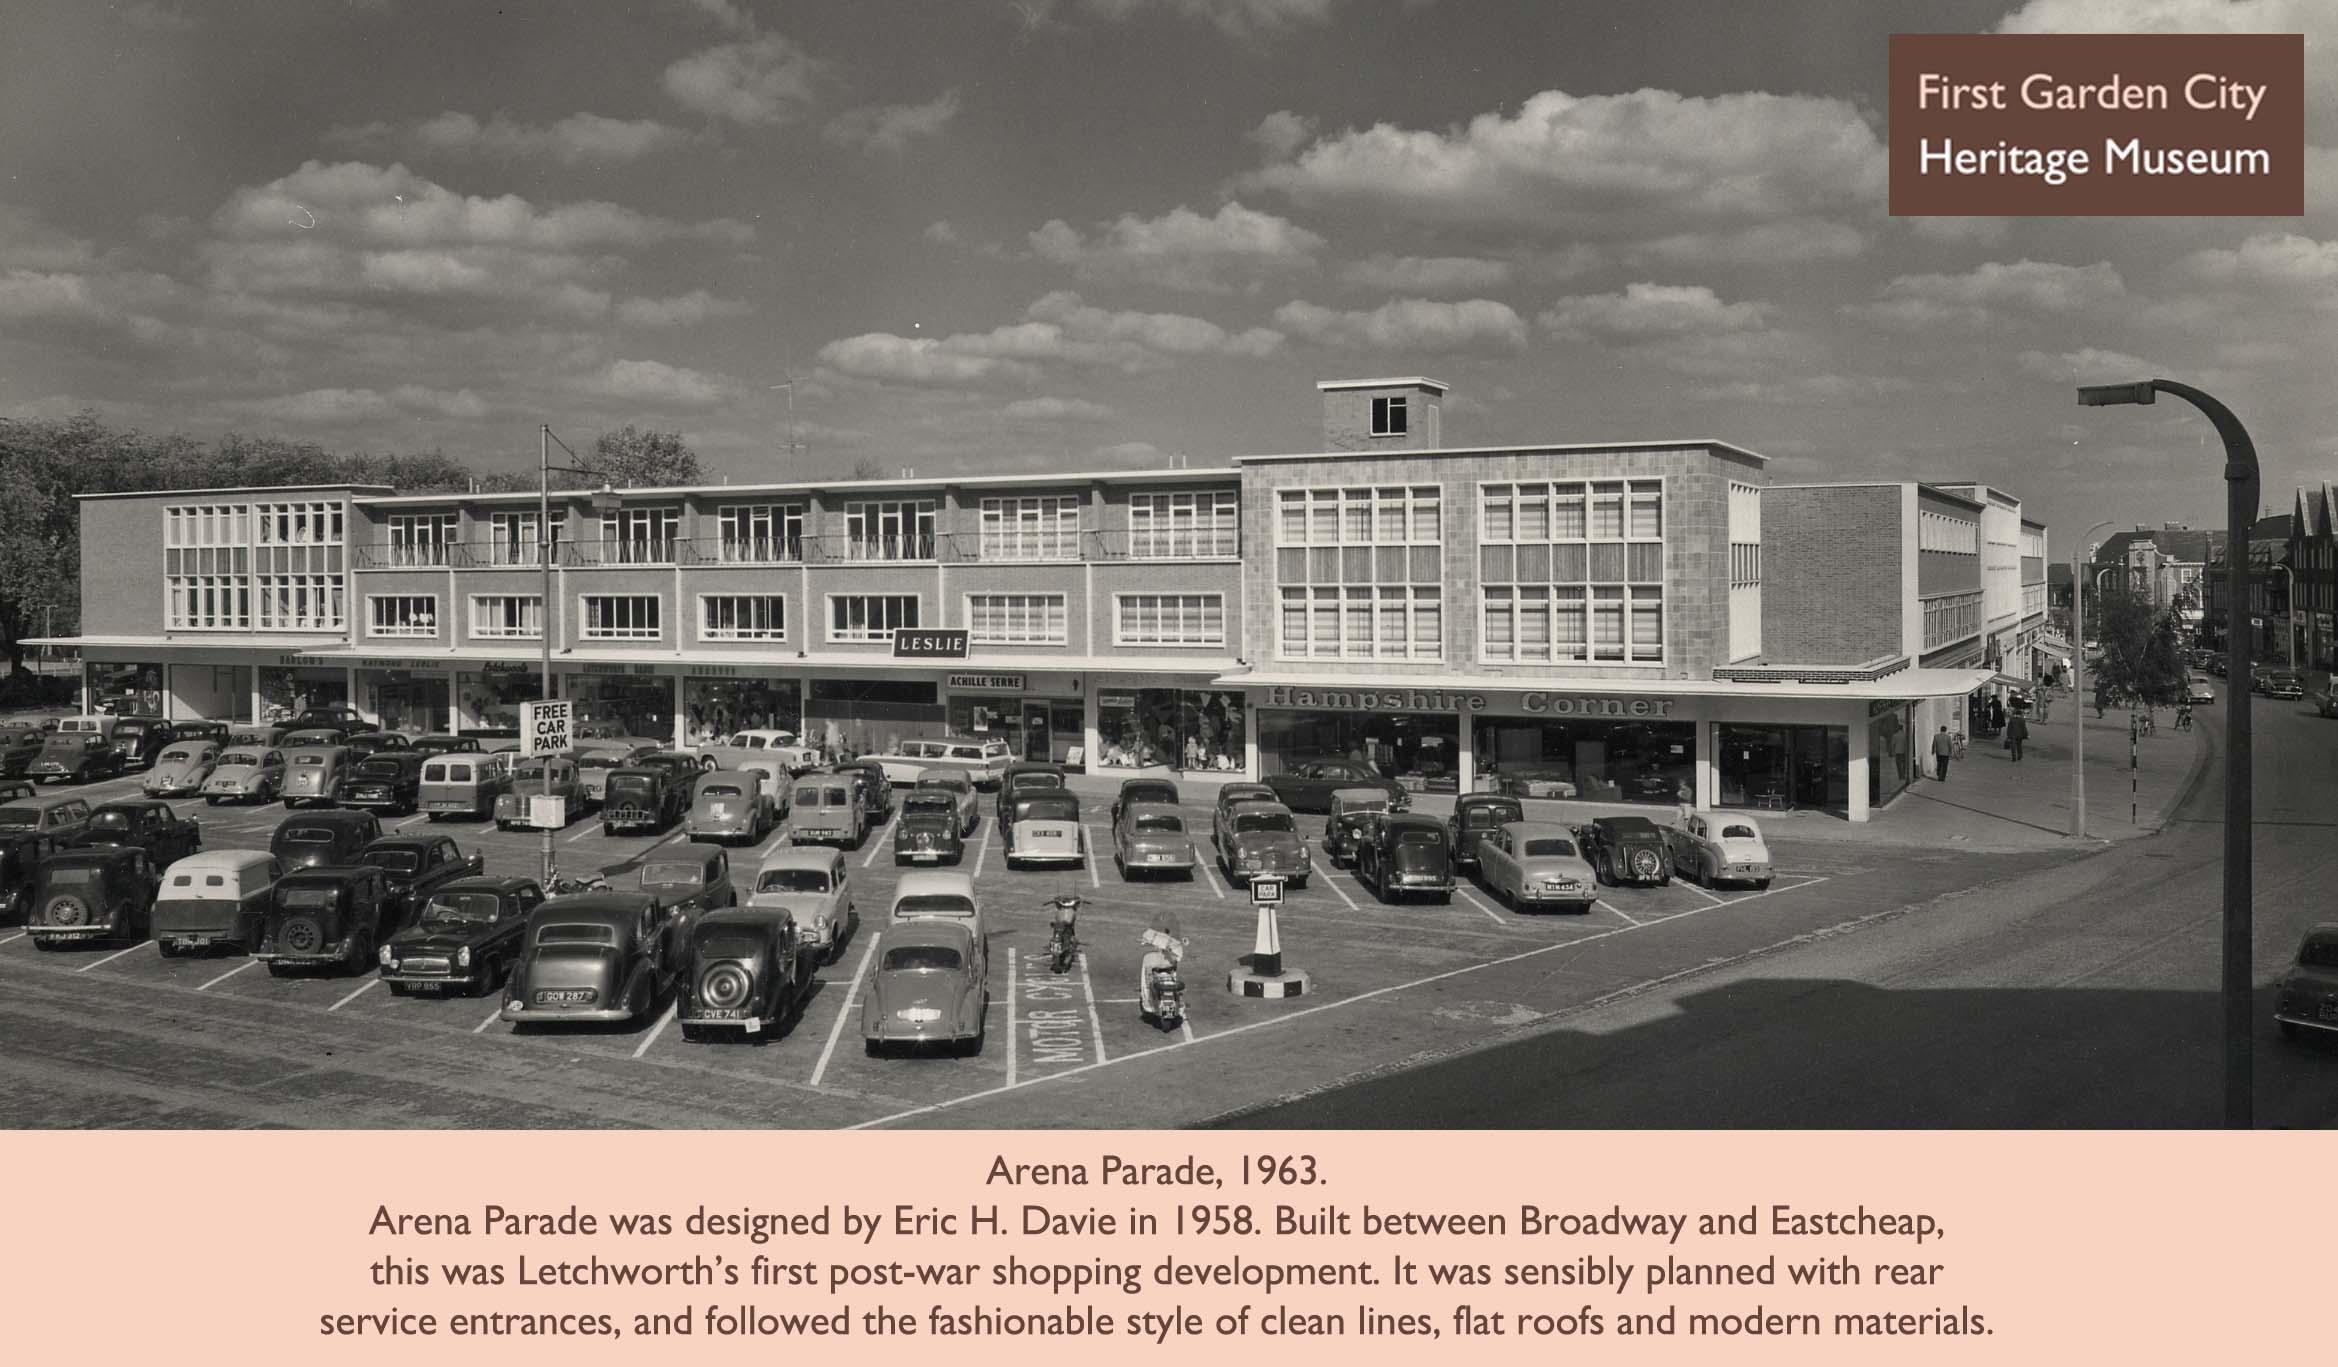 Arena parade 1963 nen gallery for Garden city ghost car